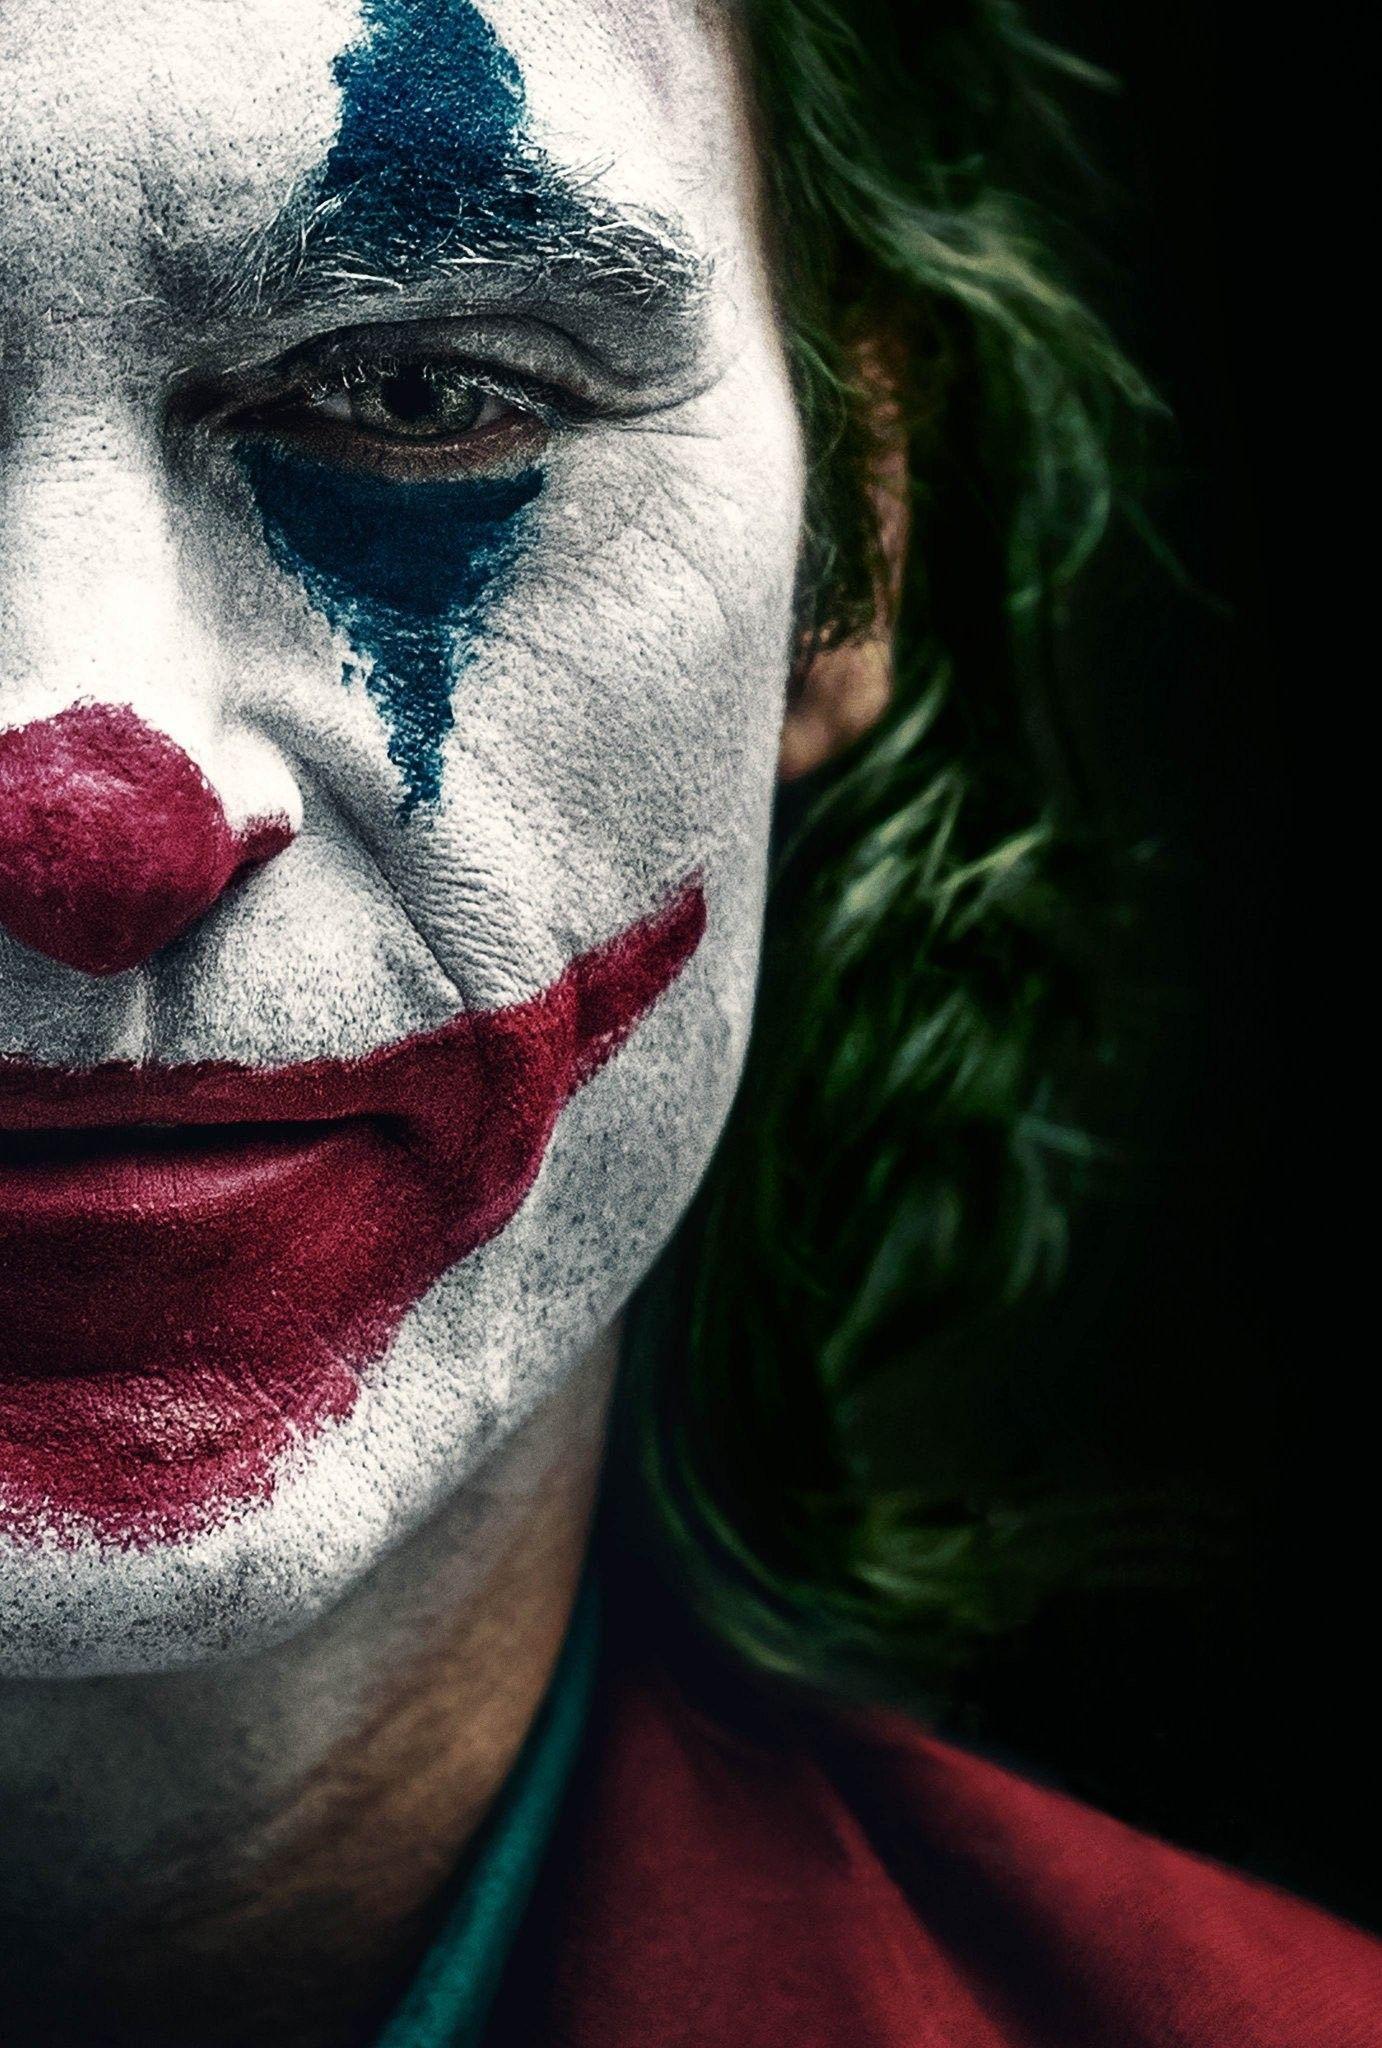 We Are All Clowns Joker Full Movie Joker Poster Joker Images